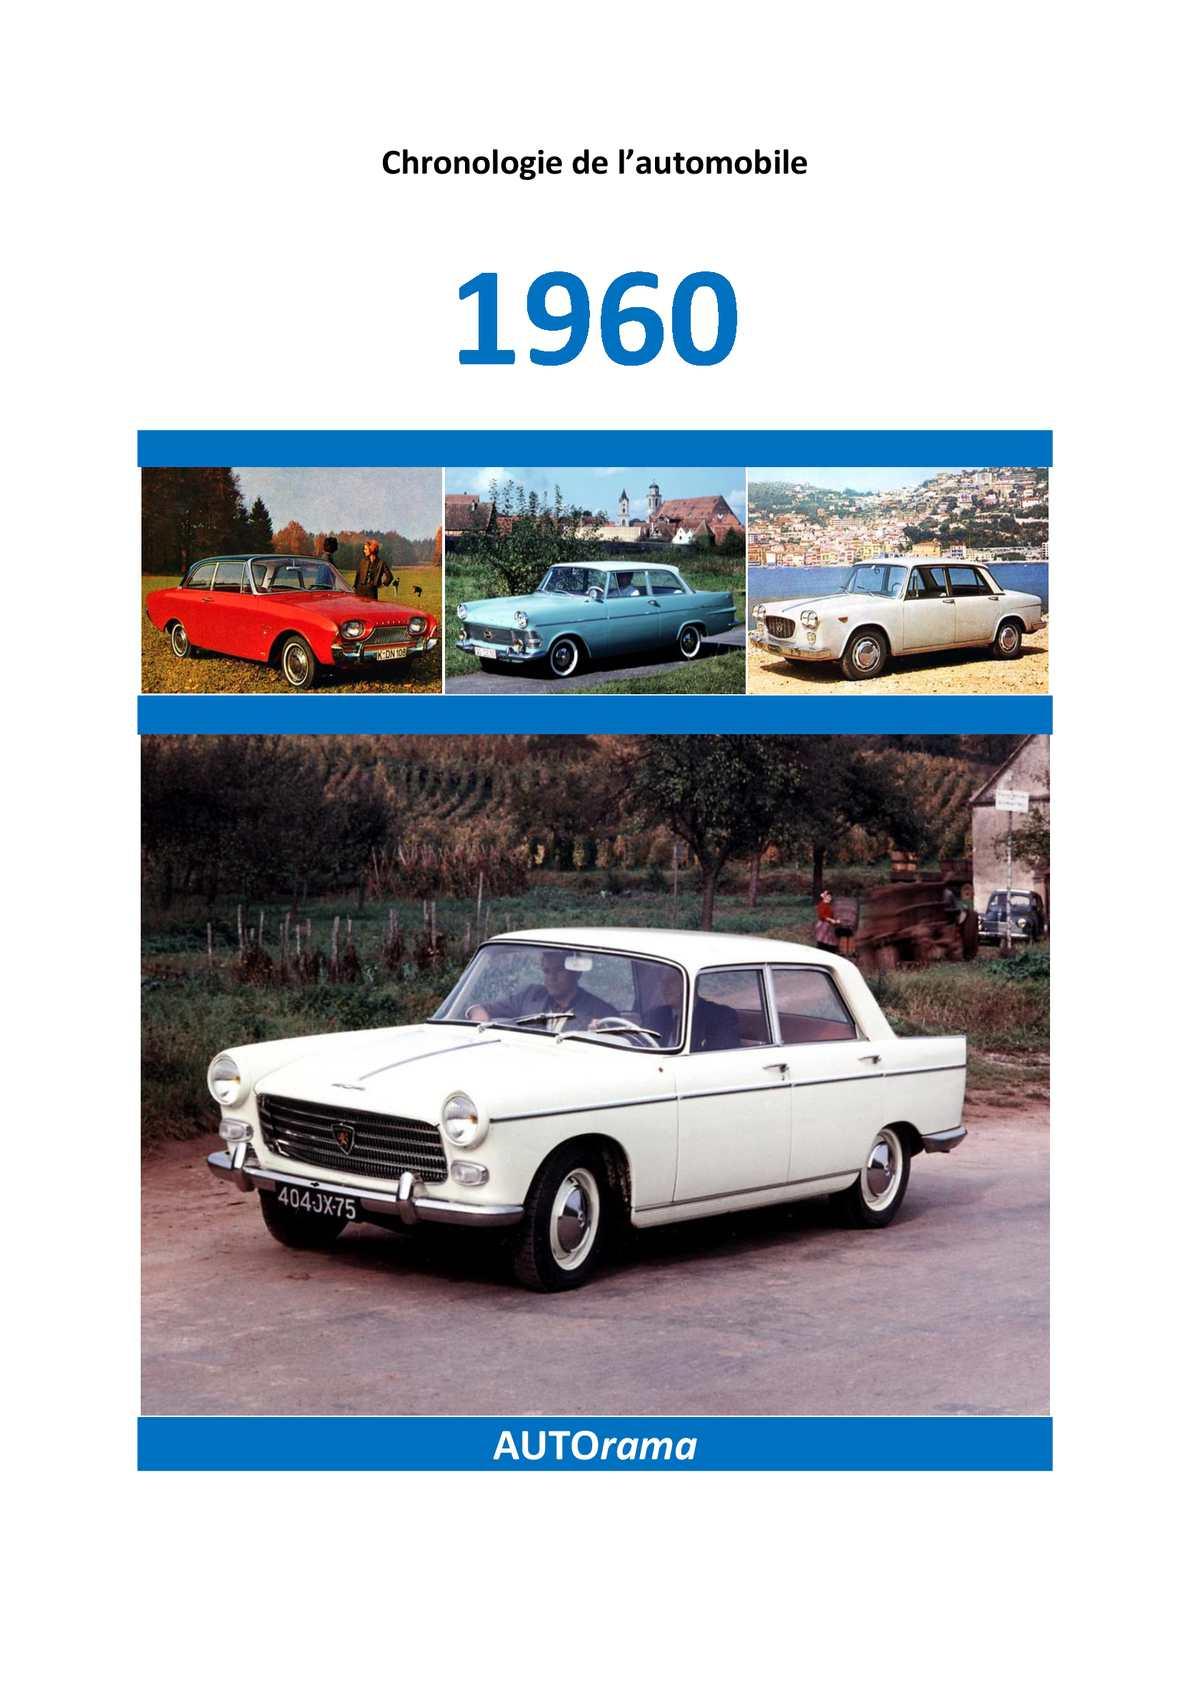 Chronologie de l'Automobile - 1960